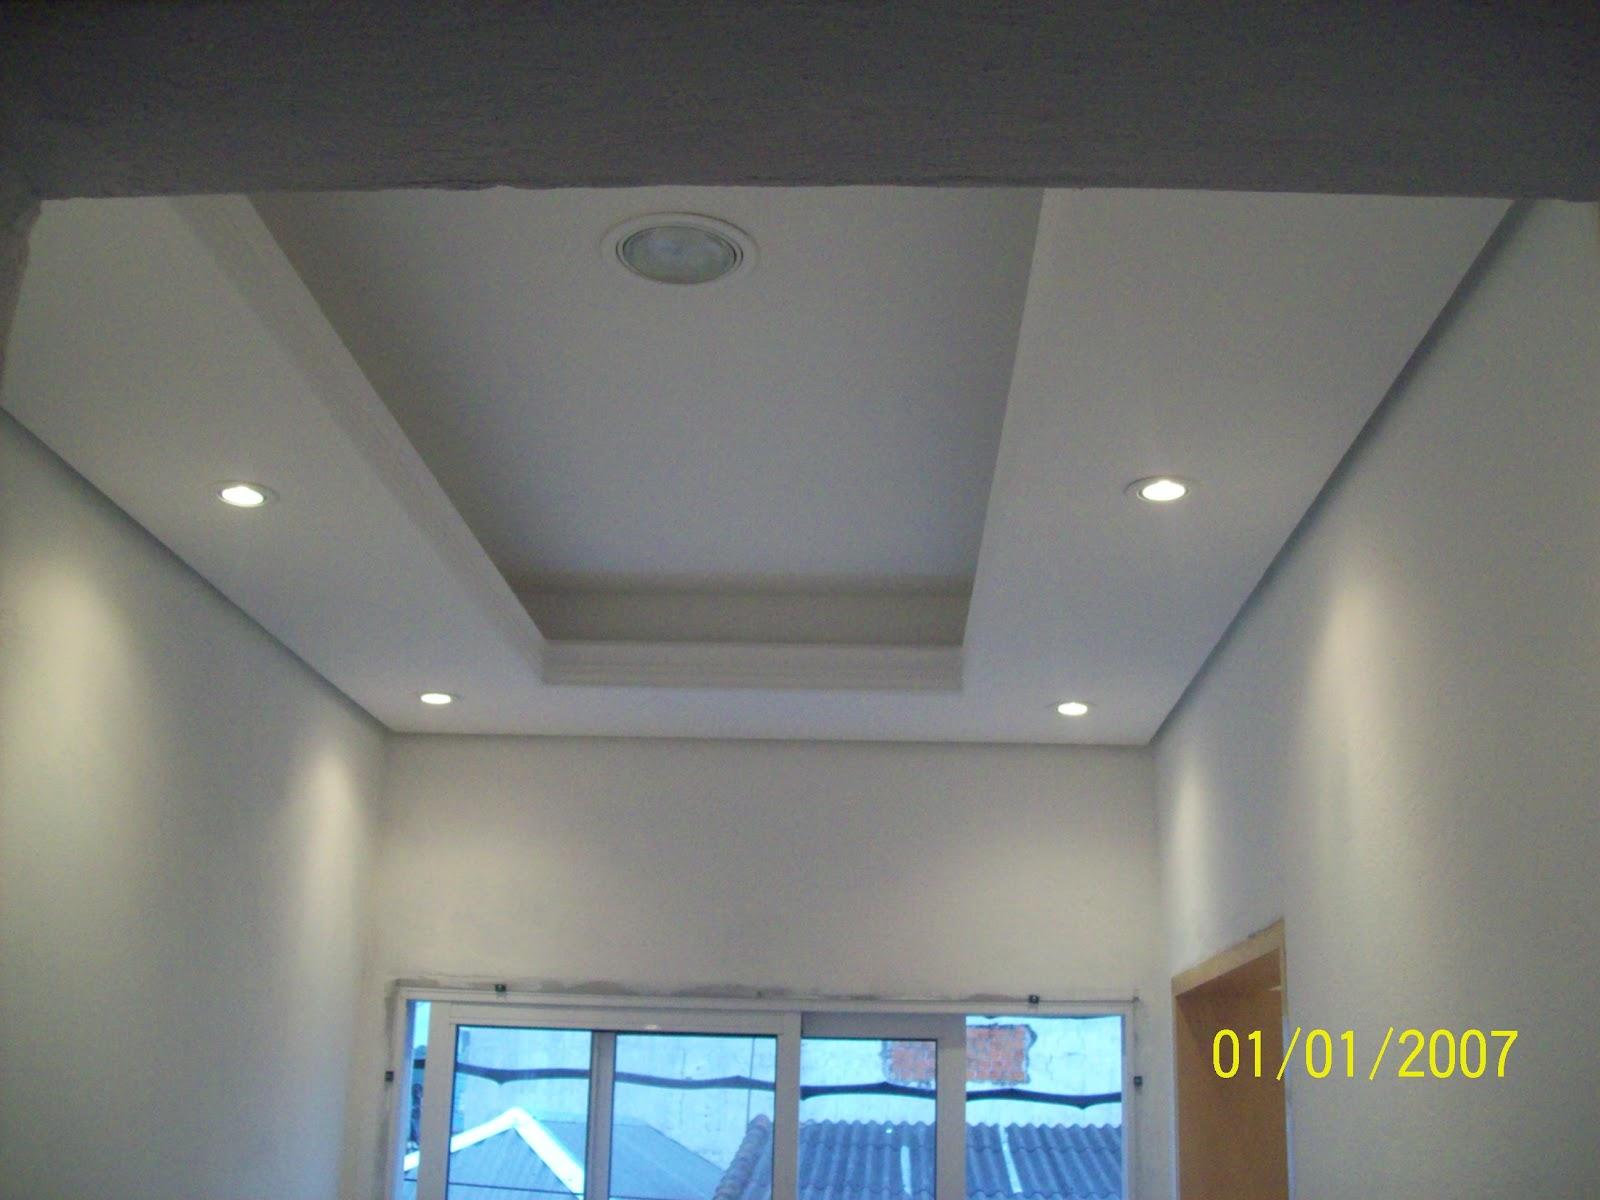 Fotos de gesso acartonado com instalação e acabamento feito pela ALG #1088BB 1600 1200